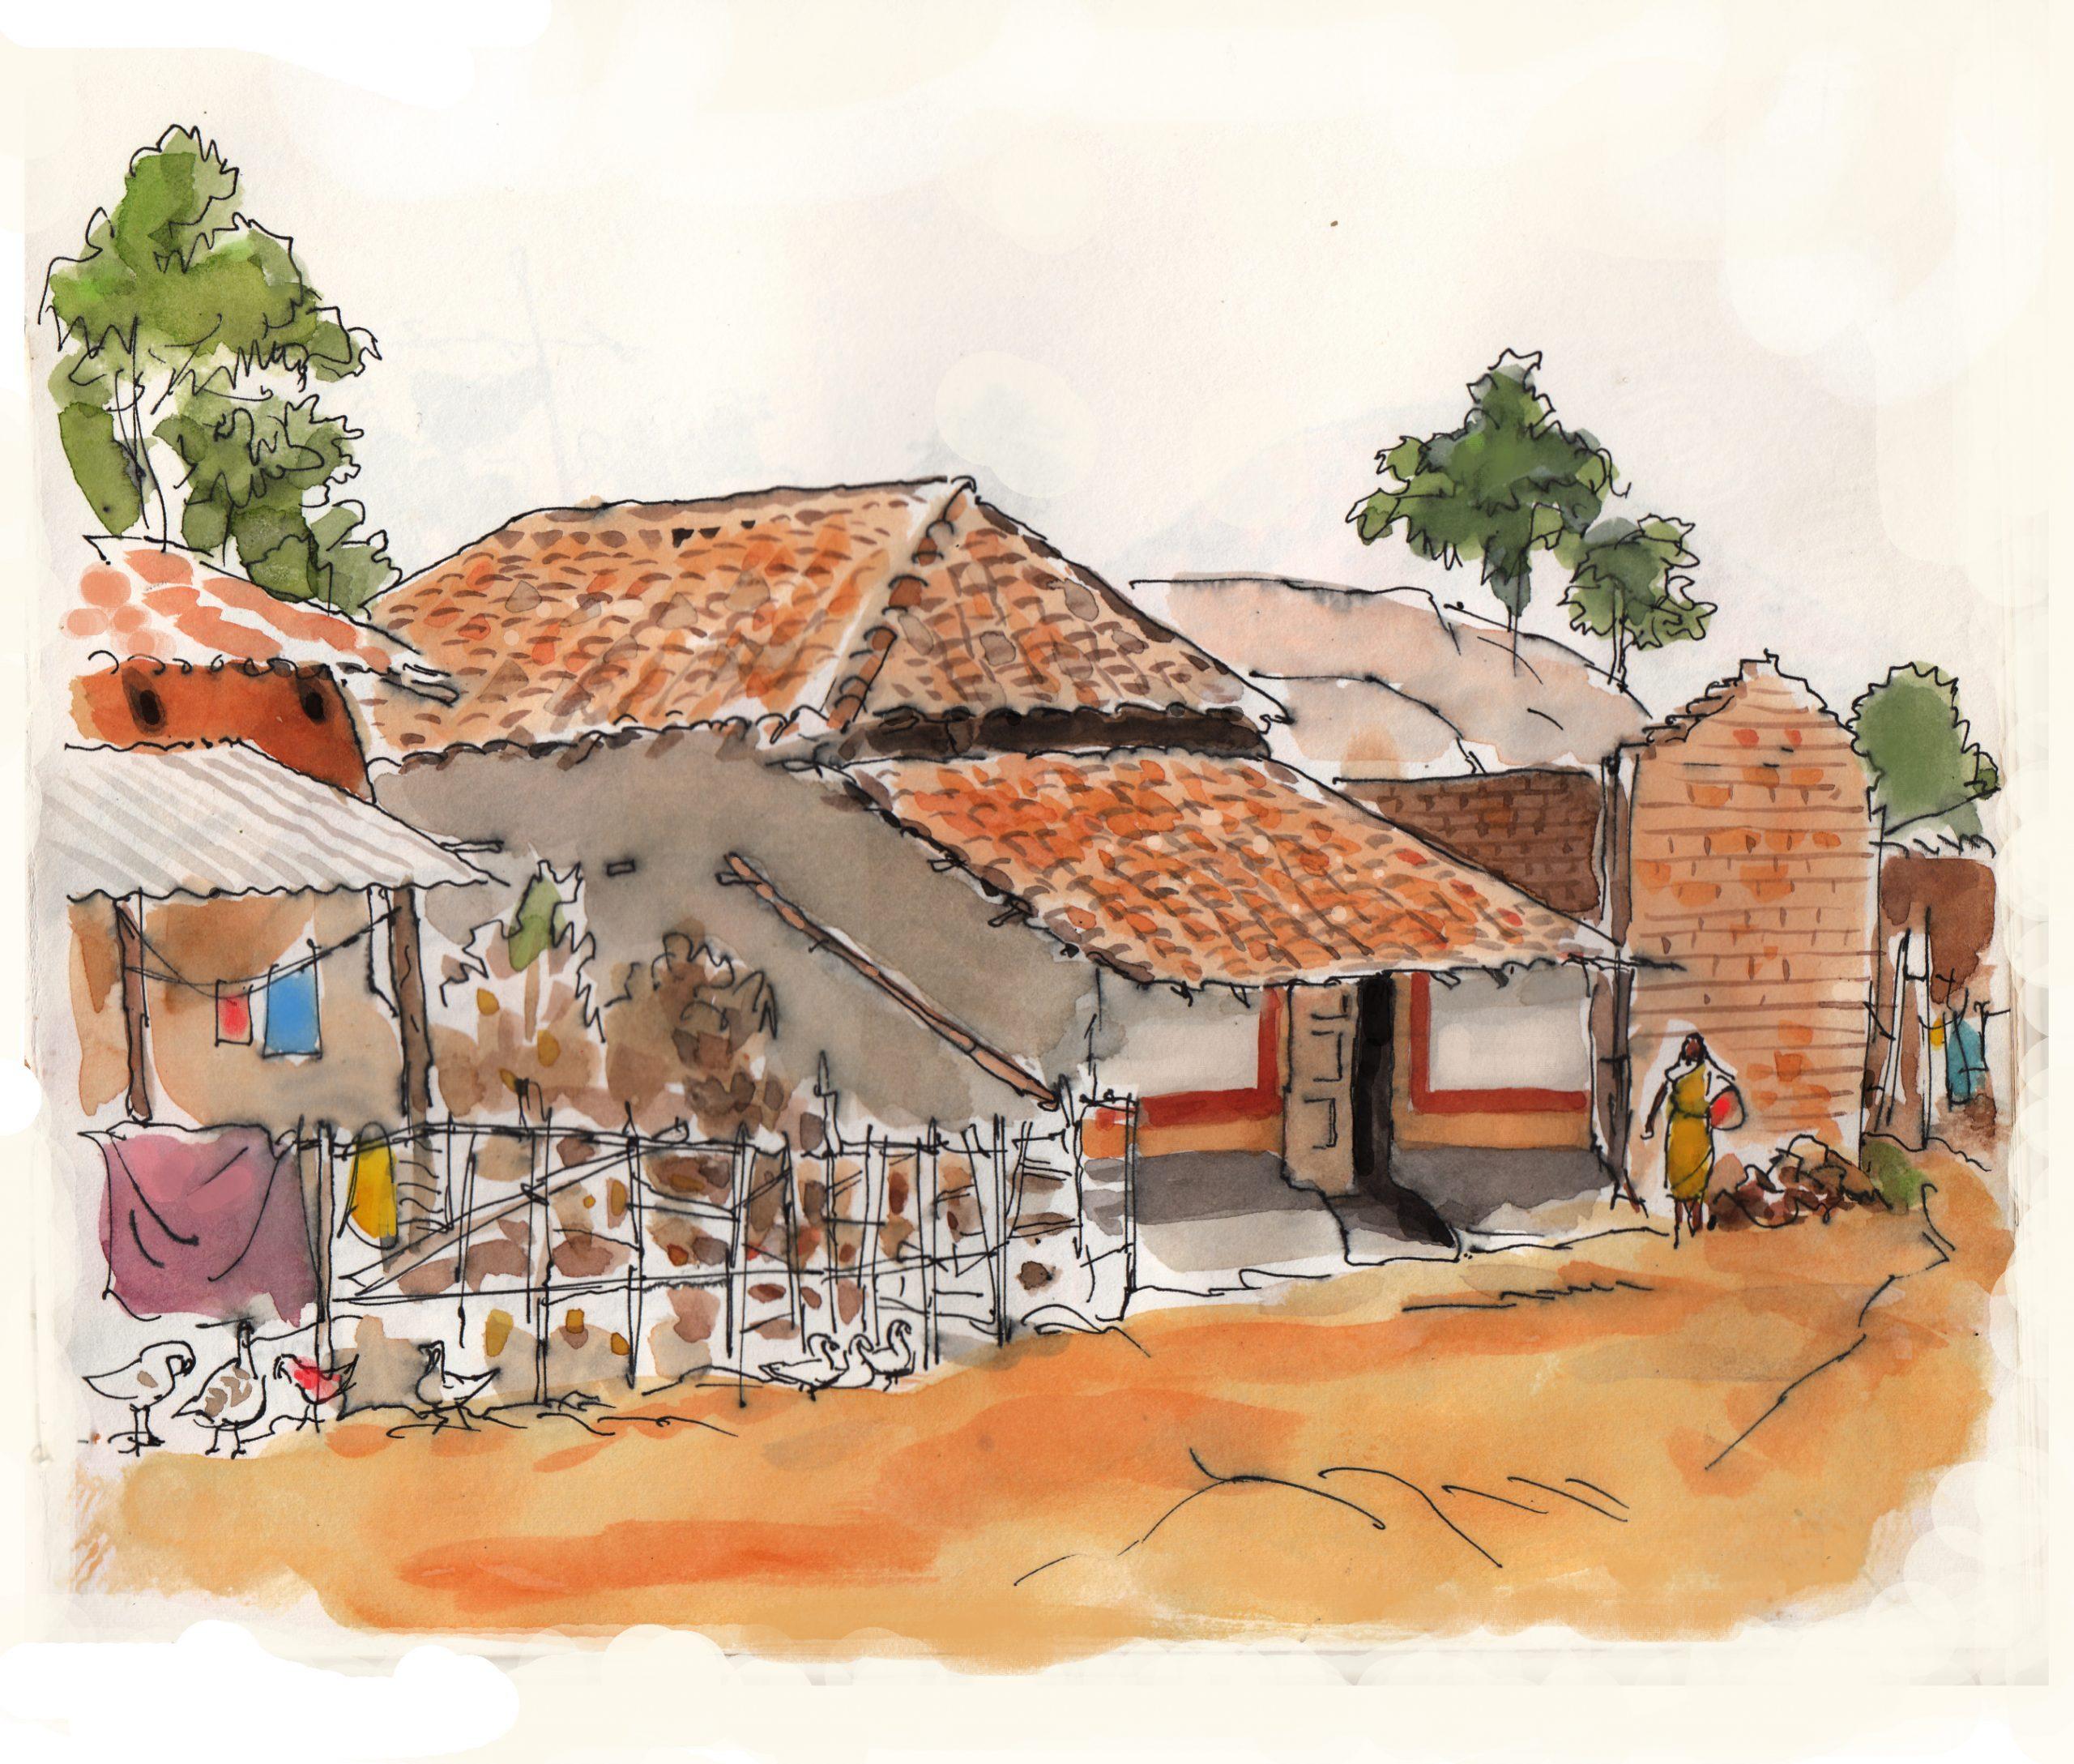 Illustrations by Debasis Deb পাহাড়ের মাথায় গ্রাম